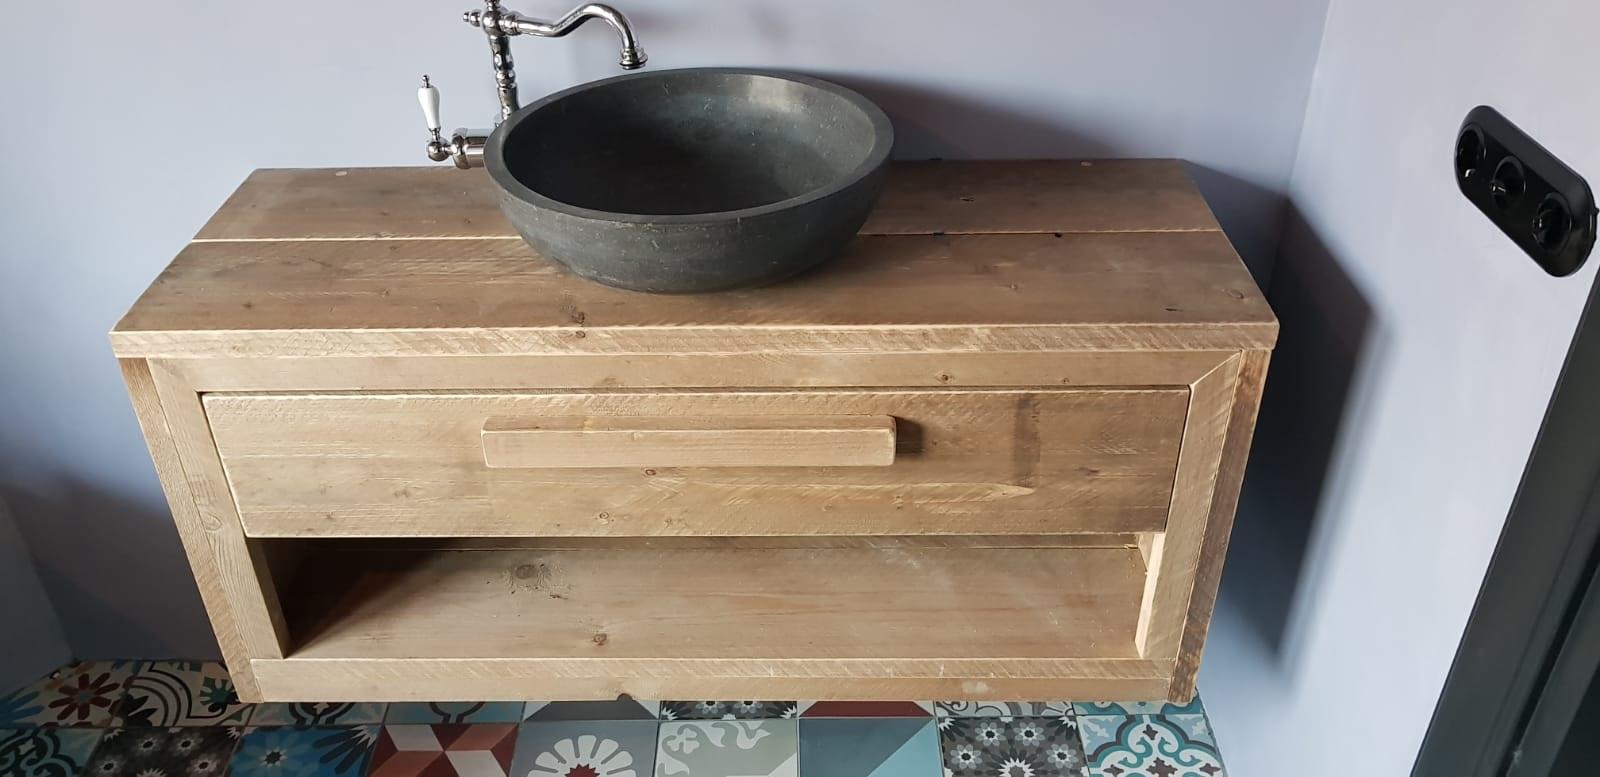 Moderne wastafel met stenen kom.